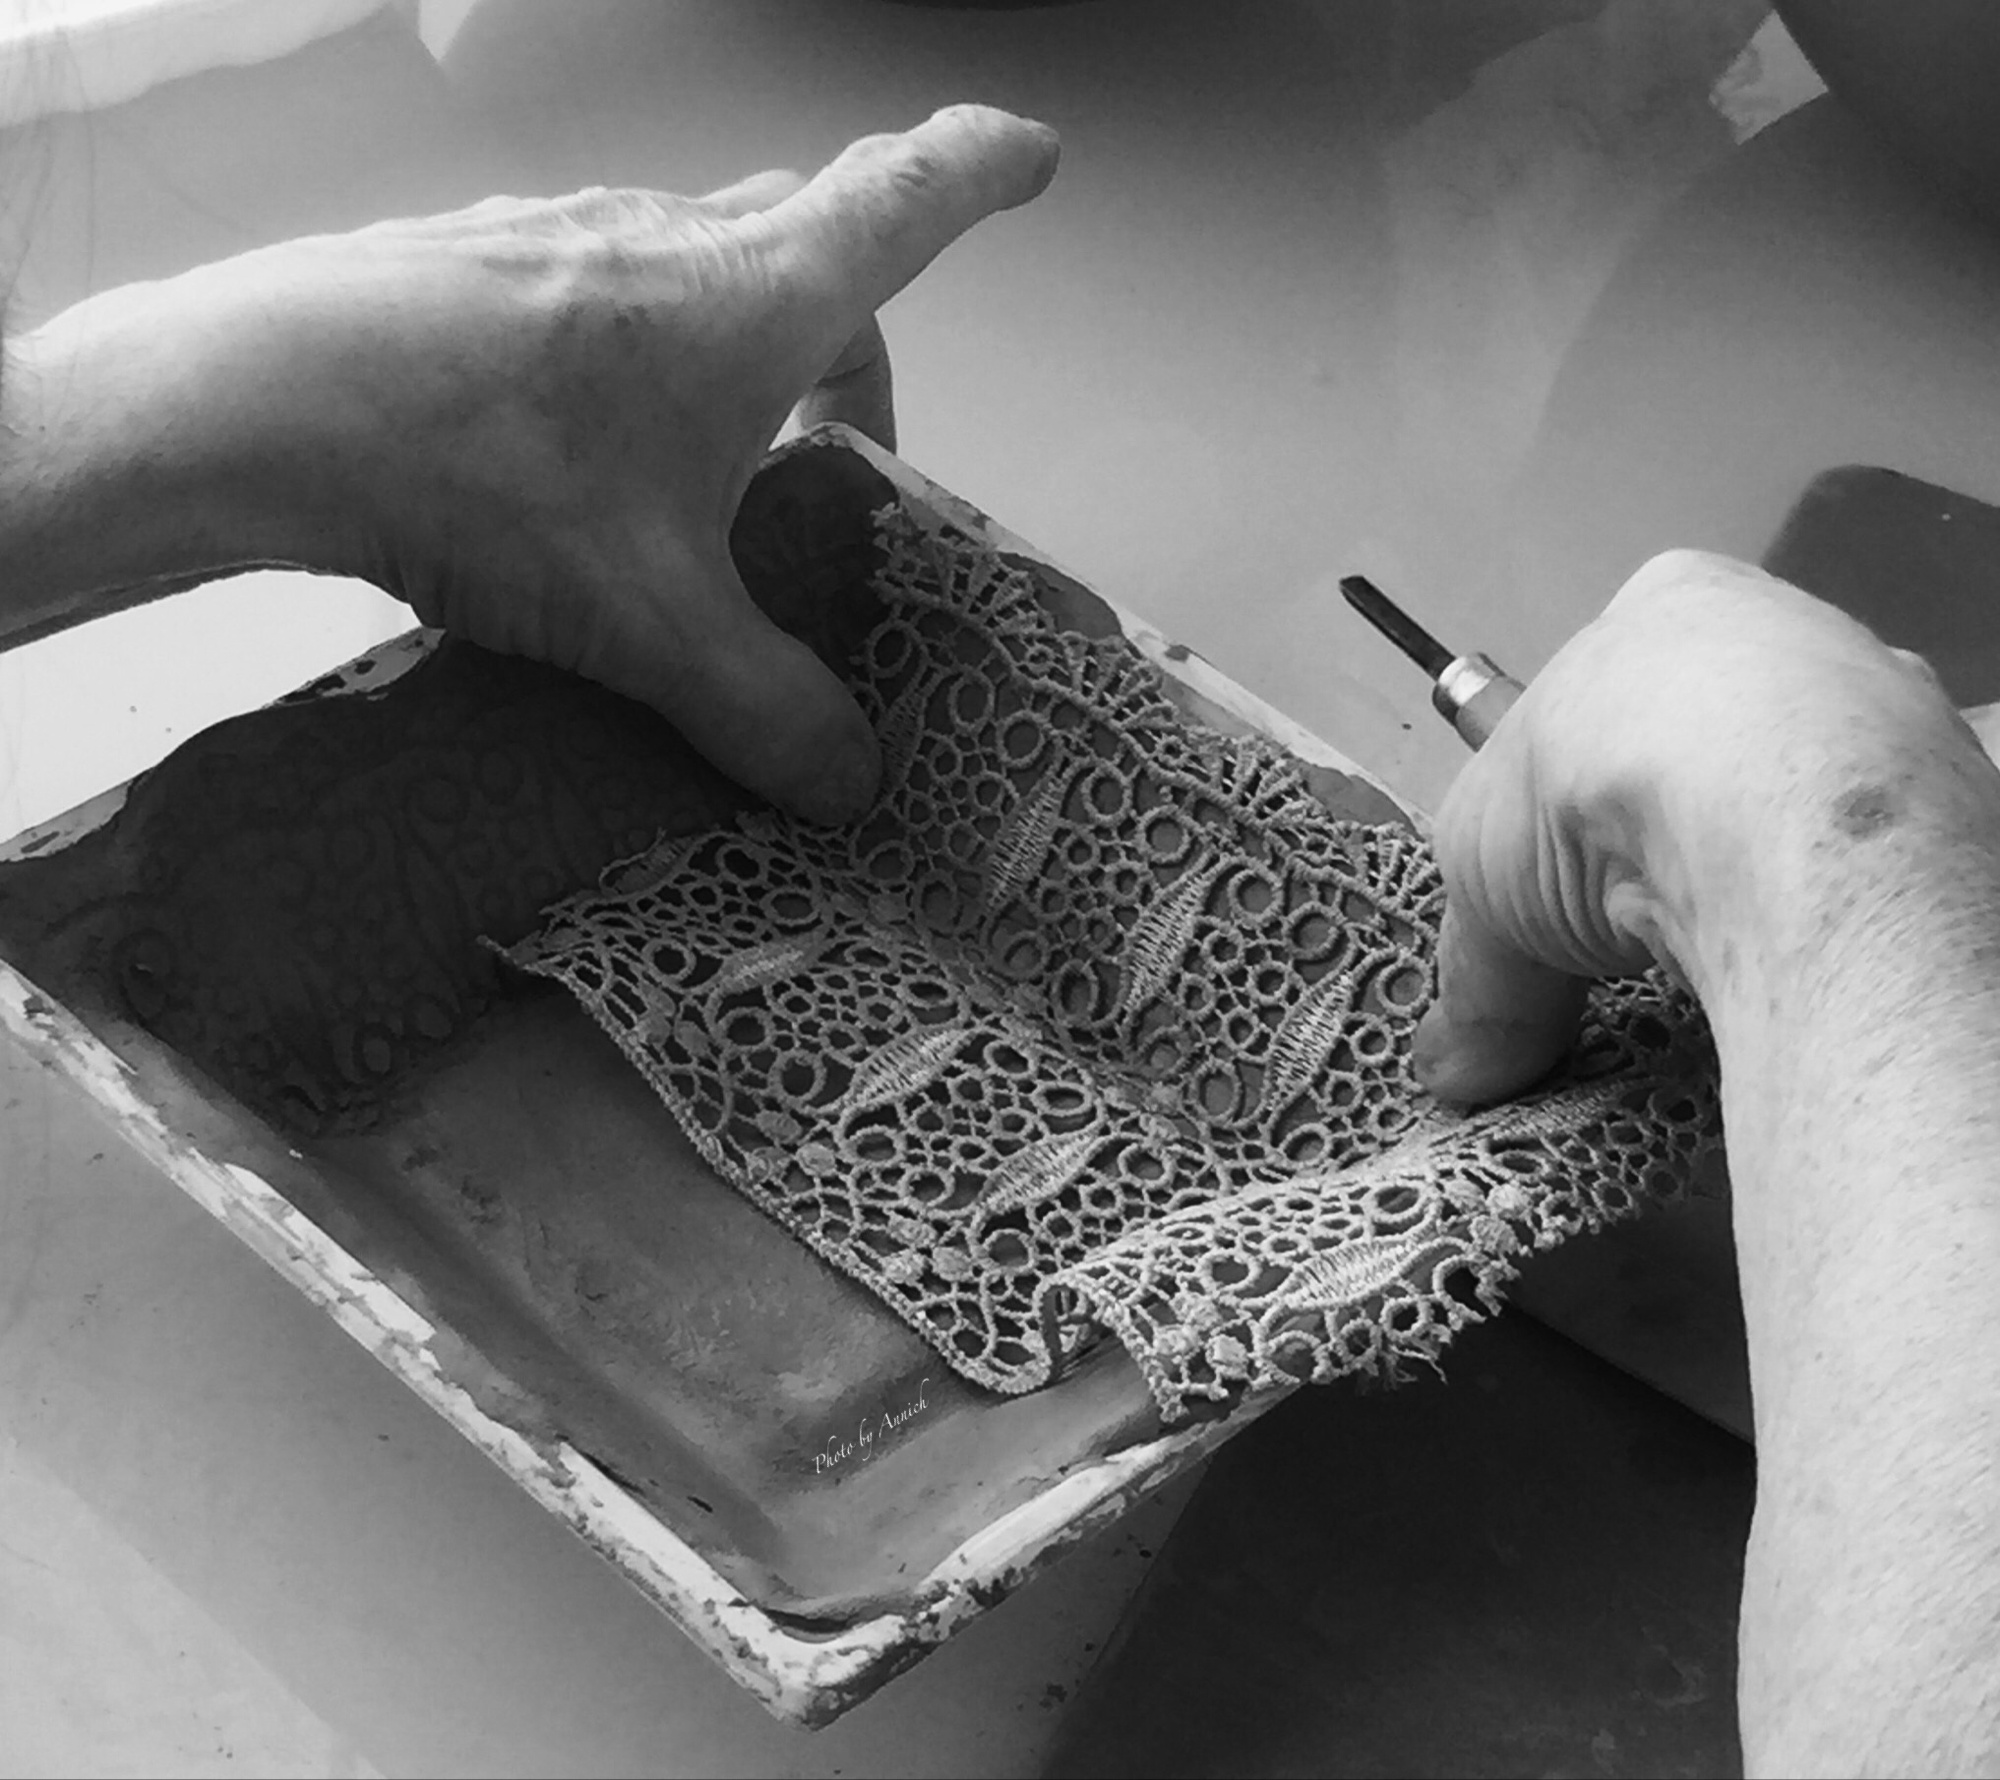 Hand-making by Annich